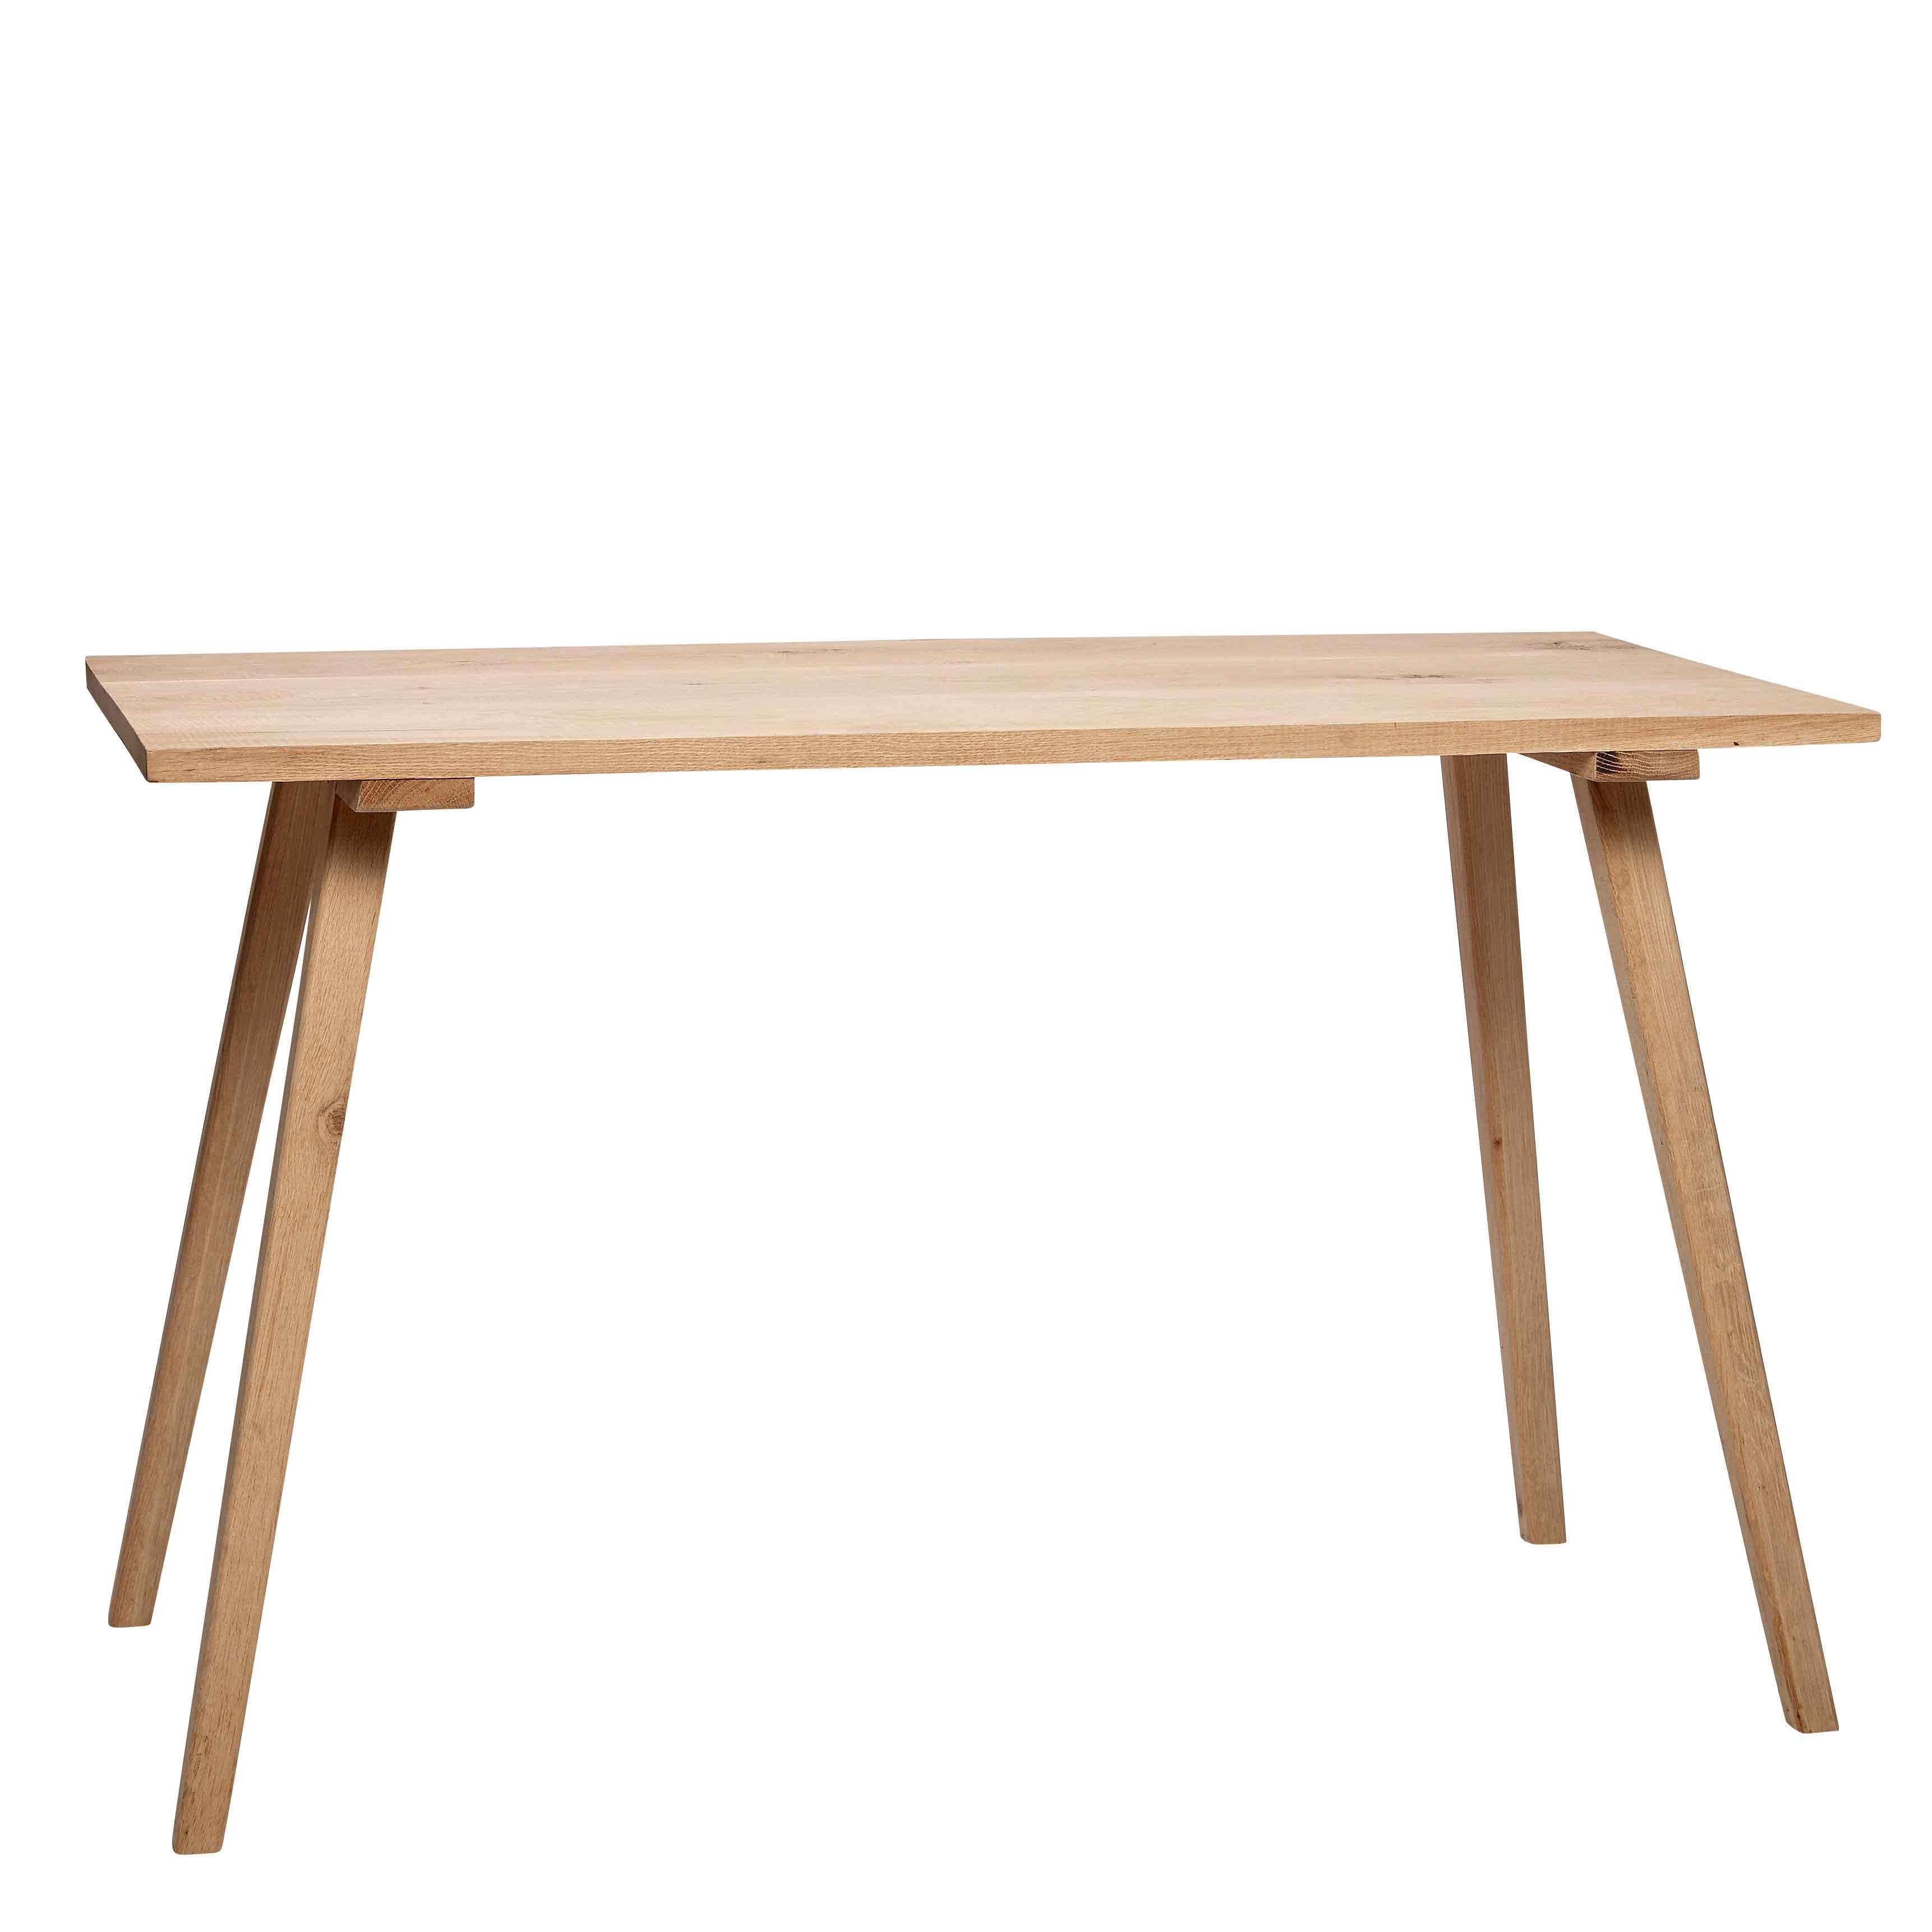 hübsch H?bsch spisebord - egetræ, finer (150x65) fra boboonline.dk